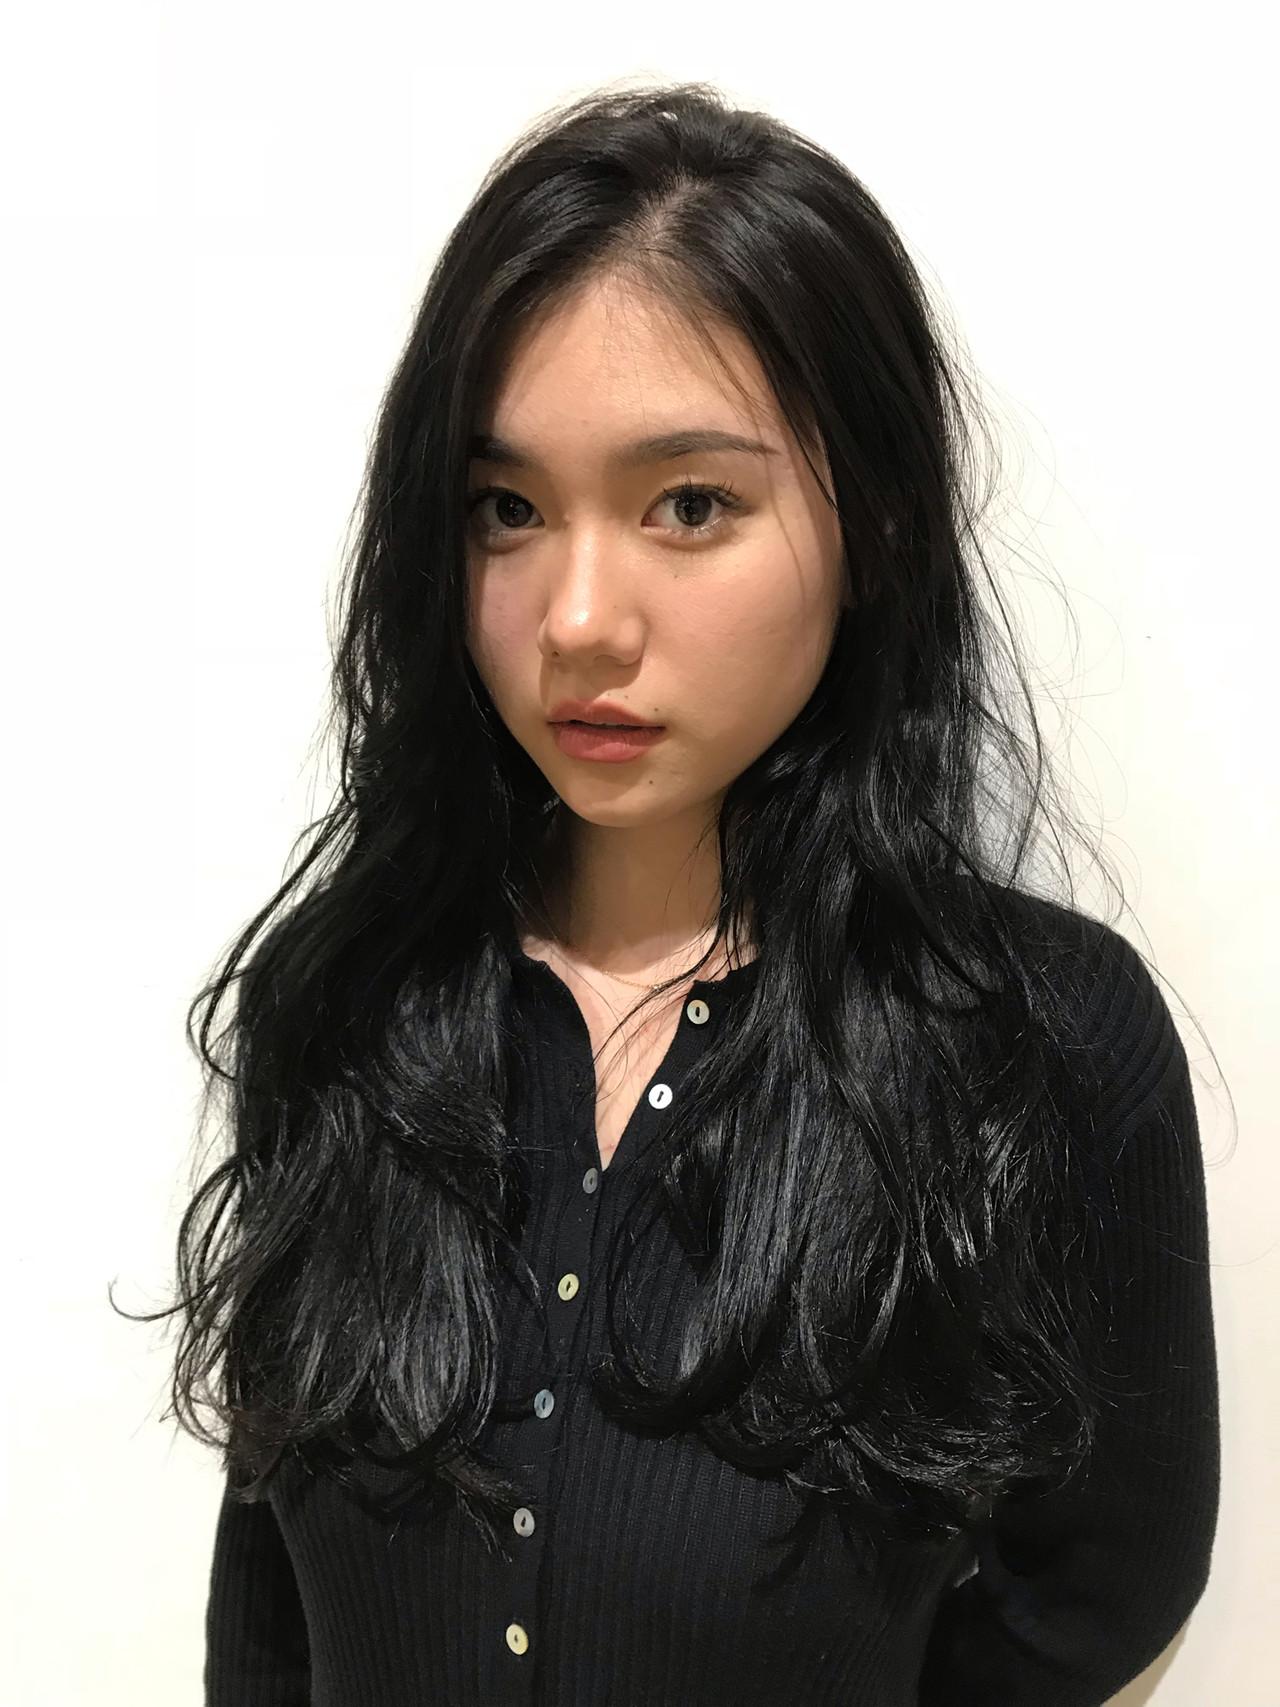 コリアンネイビー パーマ ロング 黒髪 ヘアスタイルや髪型の写真・画像